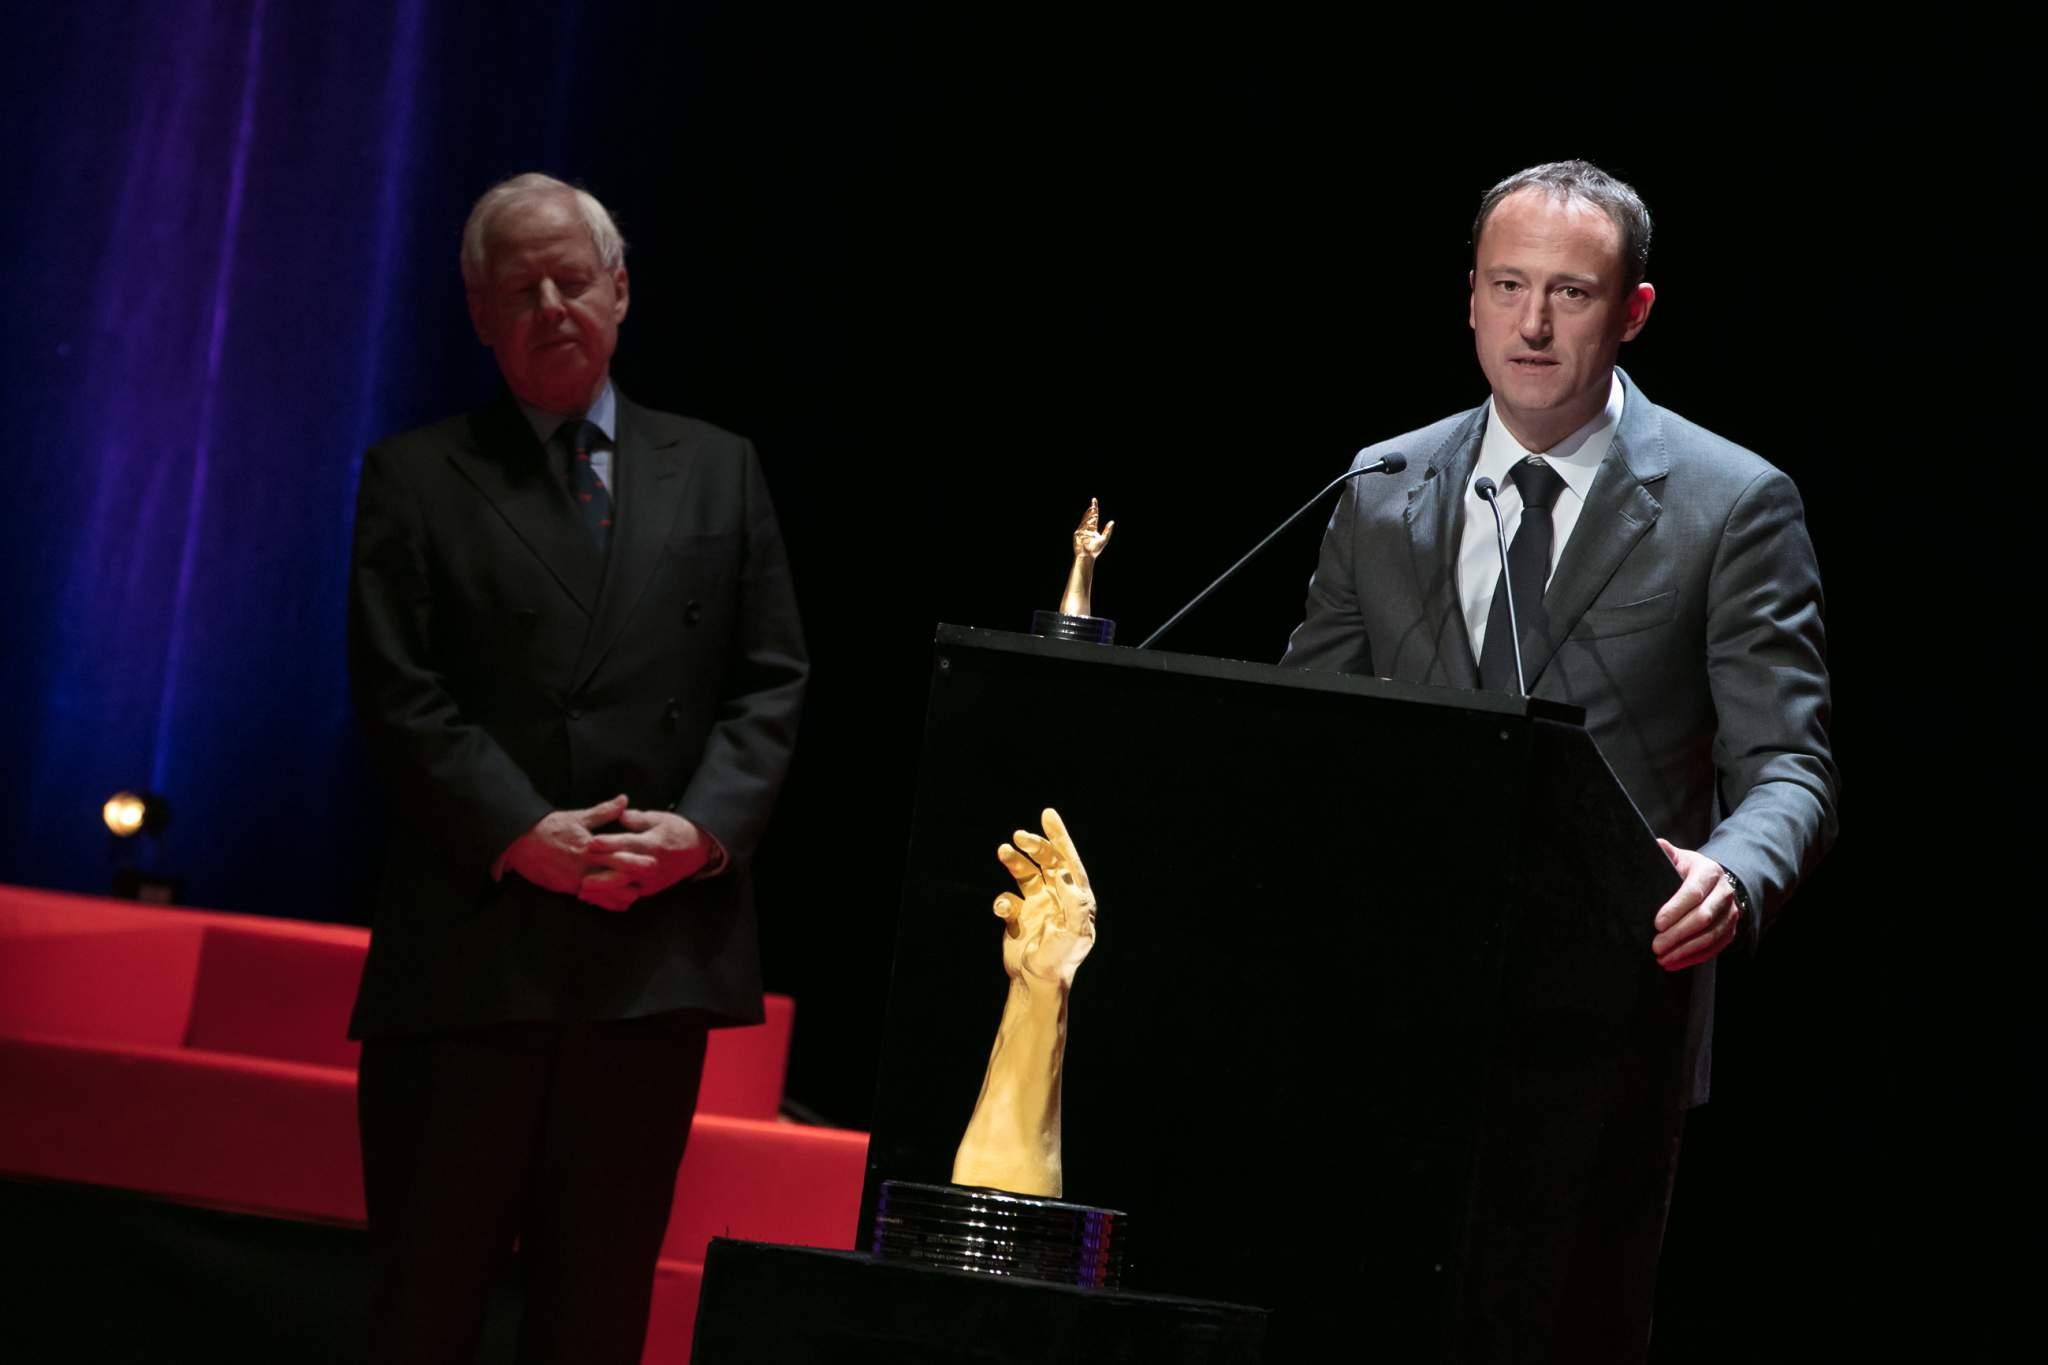 Prince Philipp von und zu Liechtenstein (Chairman de LGT) et Eric Pirson (Directeur de Tudor, lauréat du Prix de la Petite Aiguille 2017)